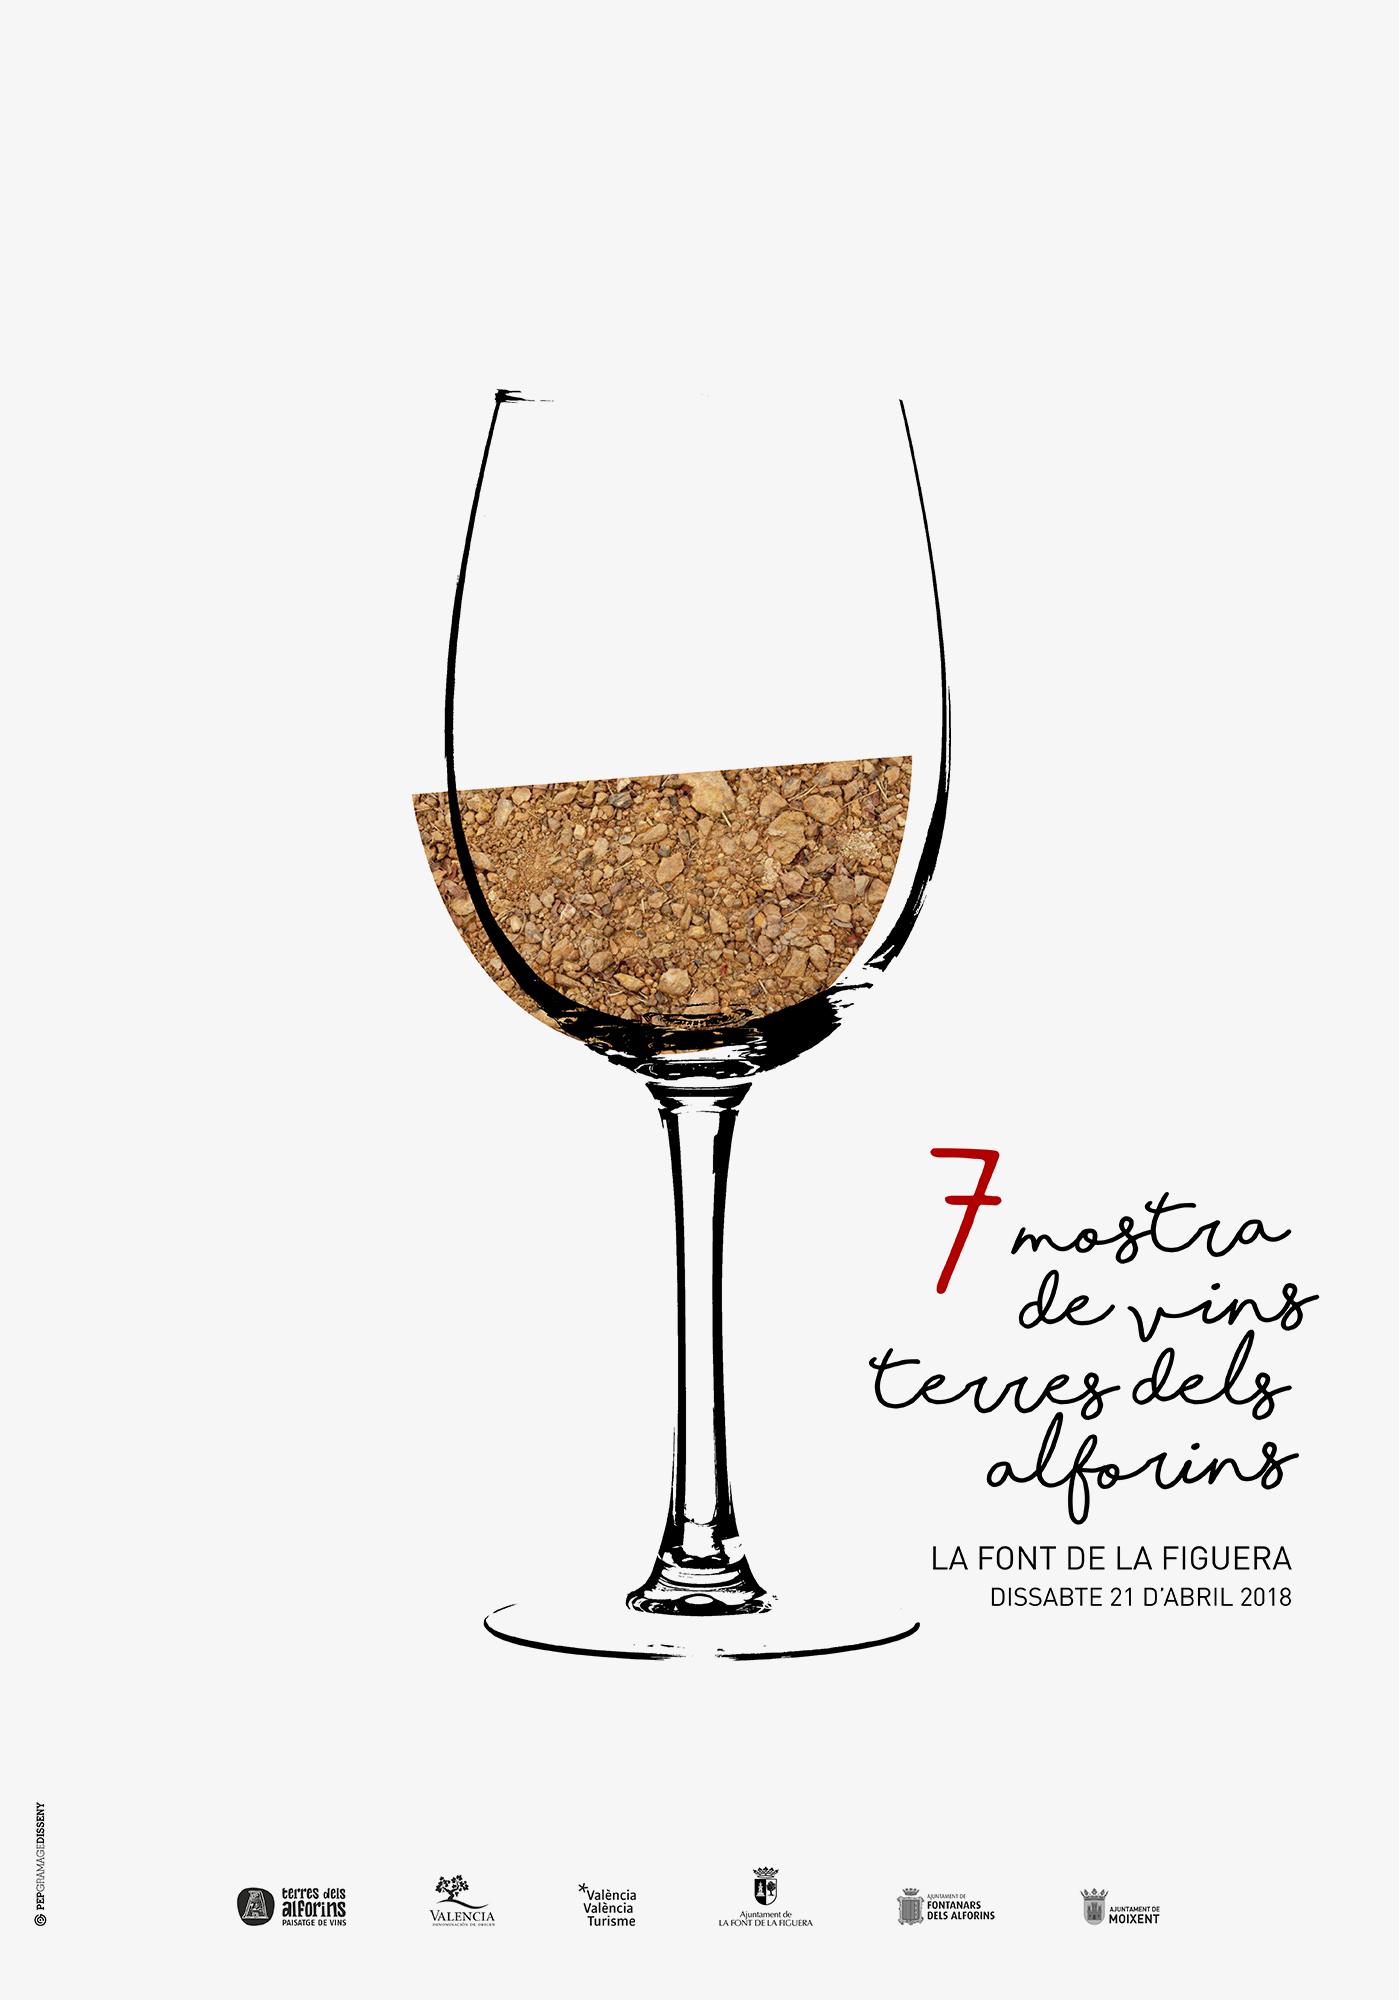 7-mostra-vins-terres-dels-alforins-©pepg